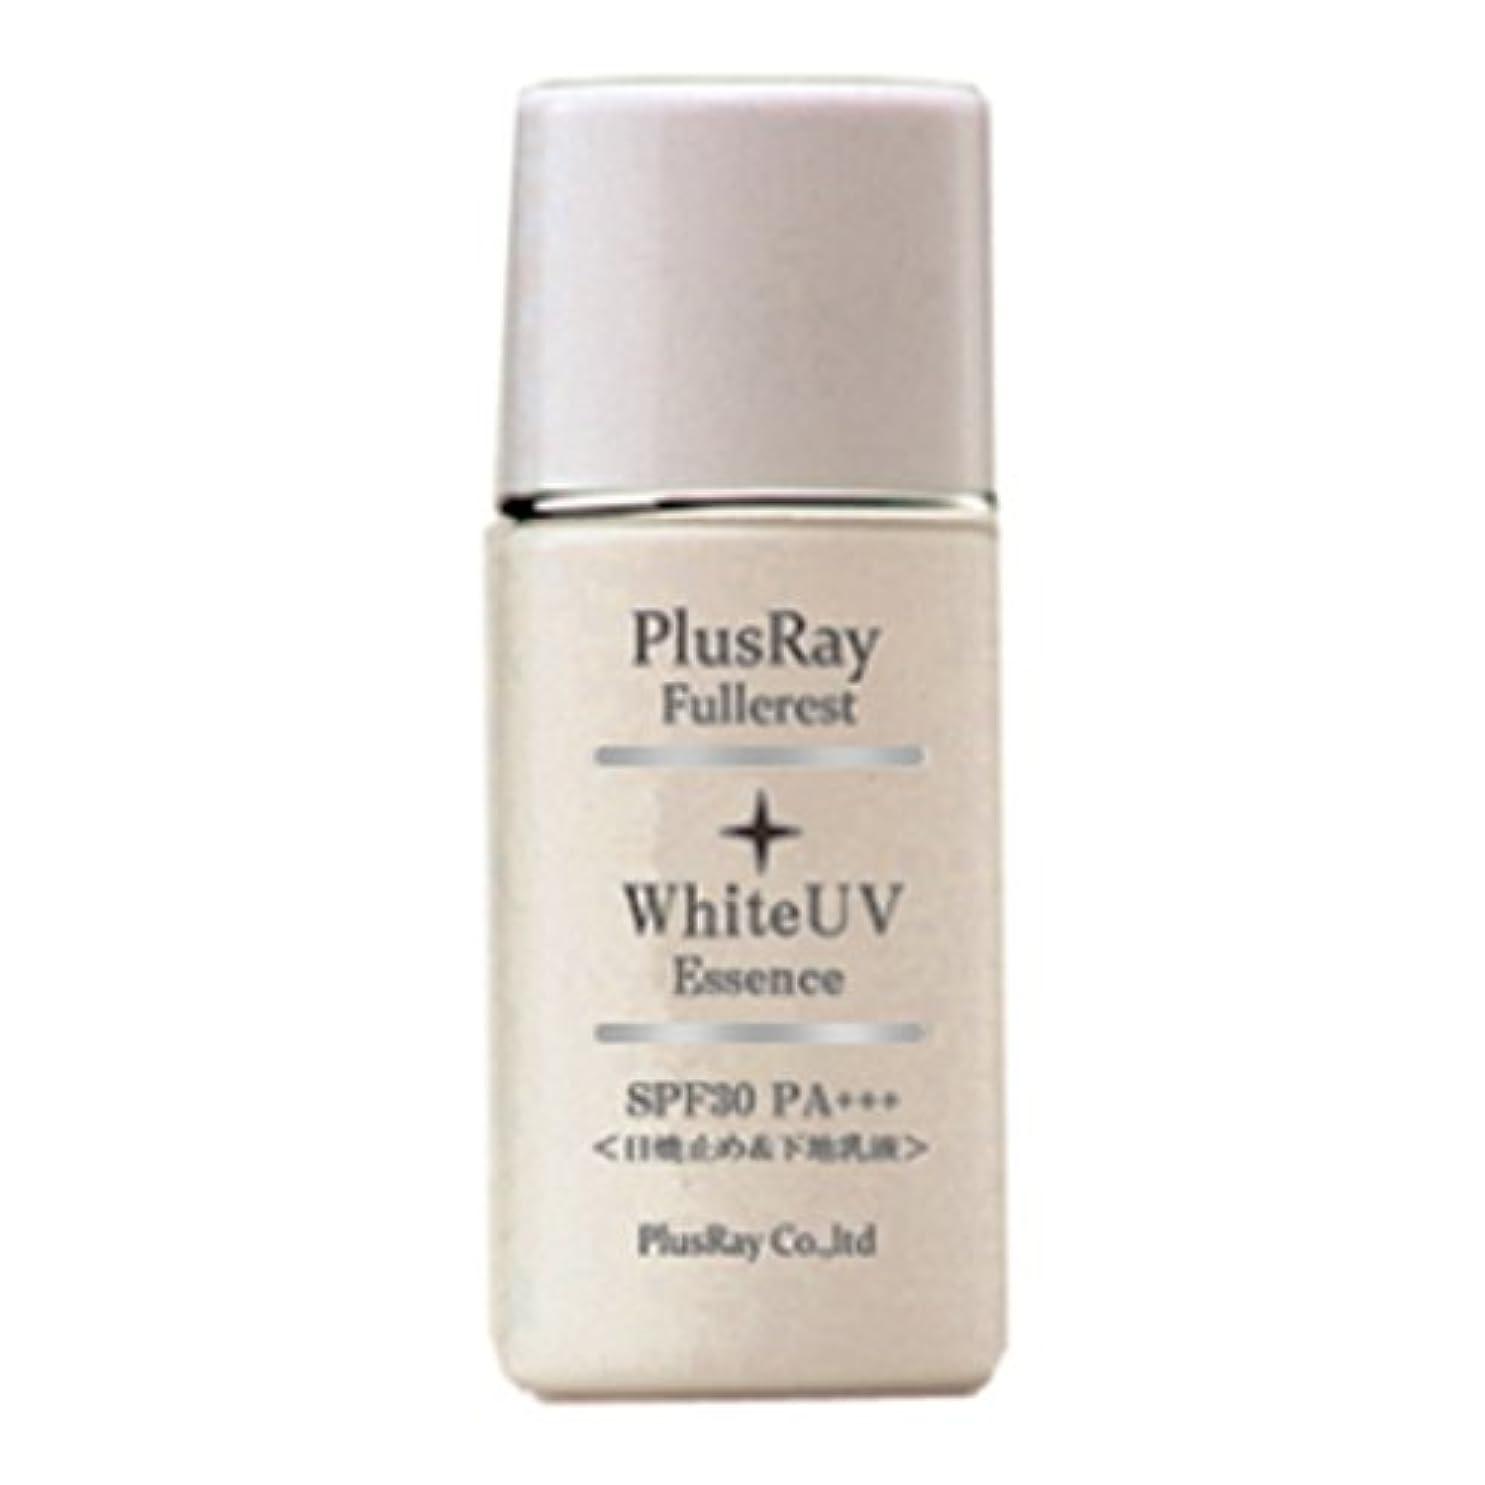 トーナメント信仰チャンピオンシッププラスレイ(PlusRay)化粧品 フラーレスト ホワイト UV エッセンス 化粧下地 紫外線対策 A波 B波 対応 乳液タイプ